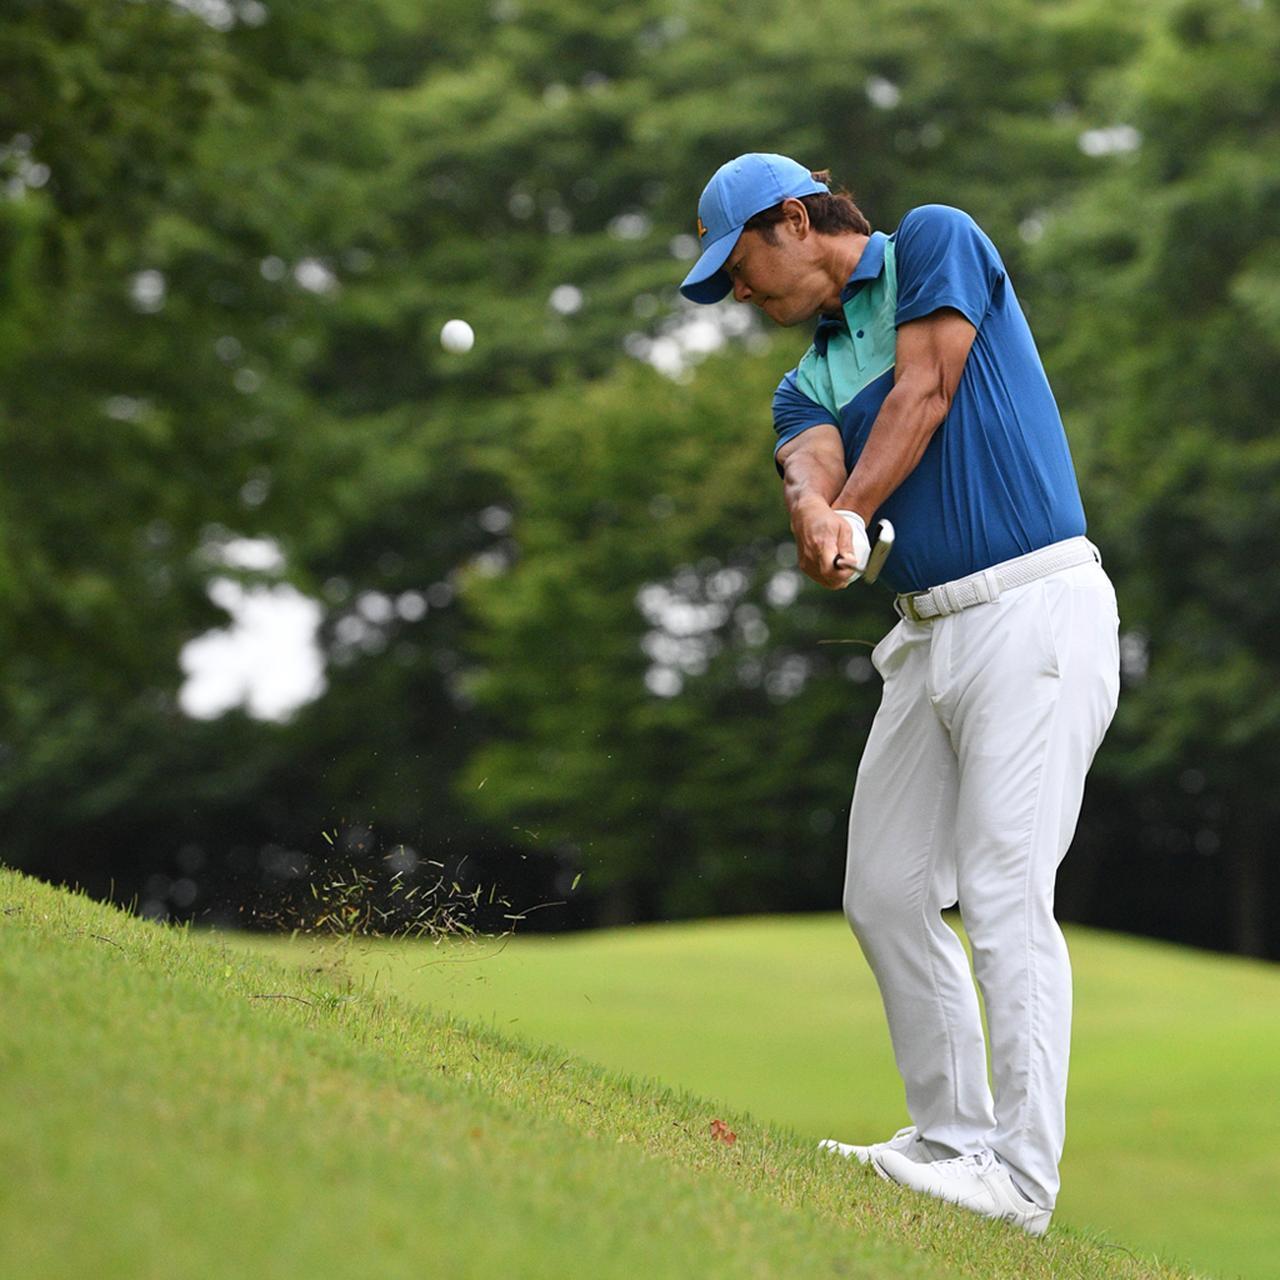 画像7: 【傾斜地アイアン】夏ゴルフ、つま先上がりの斜面ラフに止まった…。さあ、どう打つ?(前編)